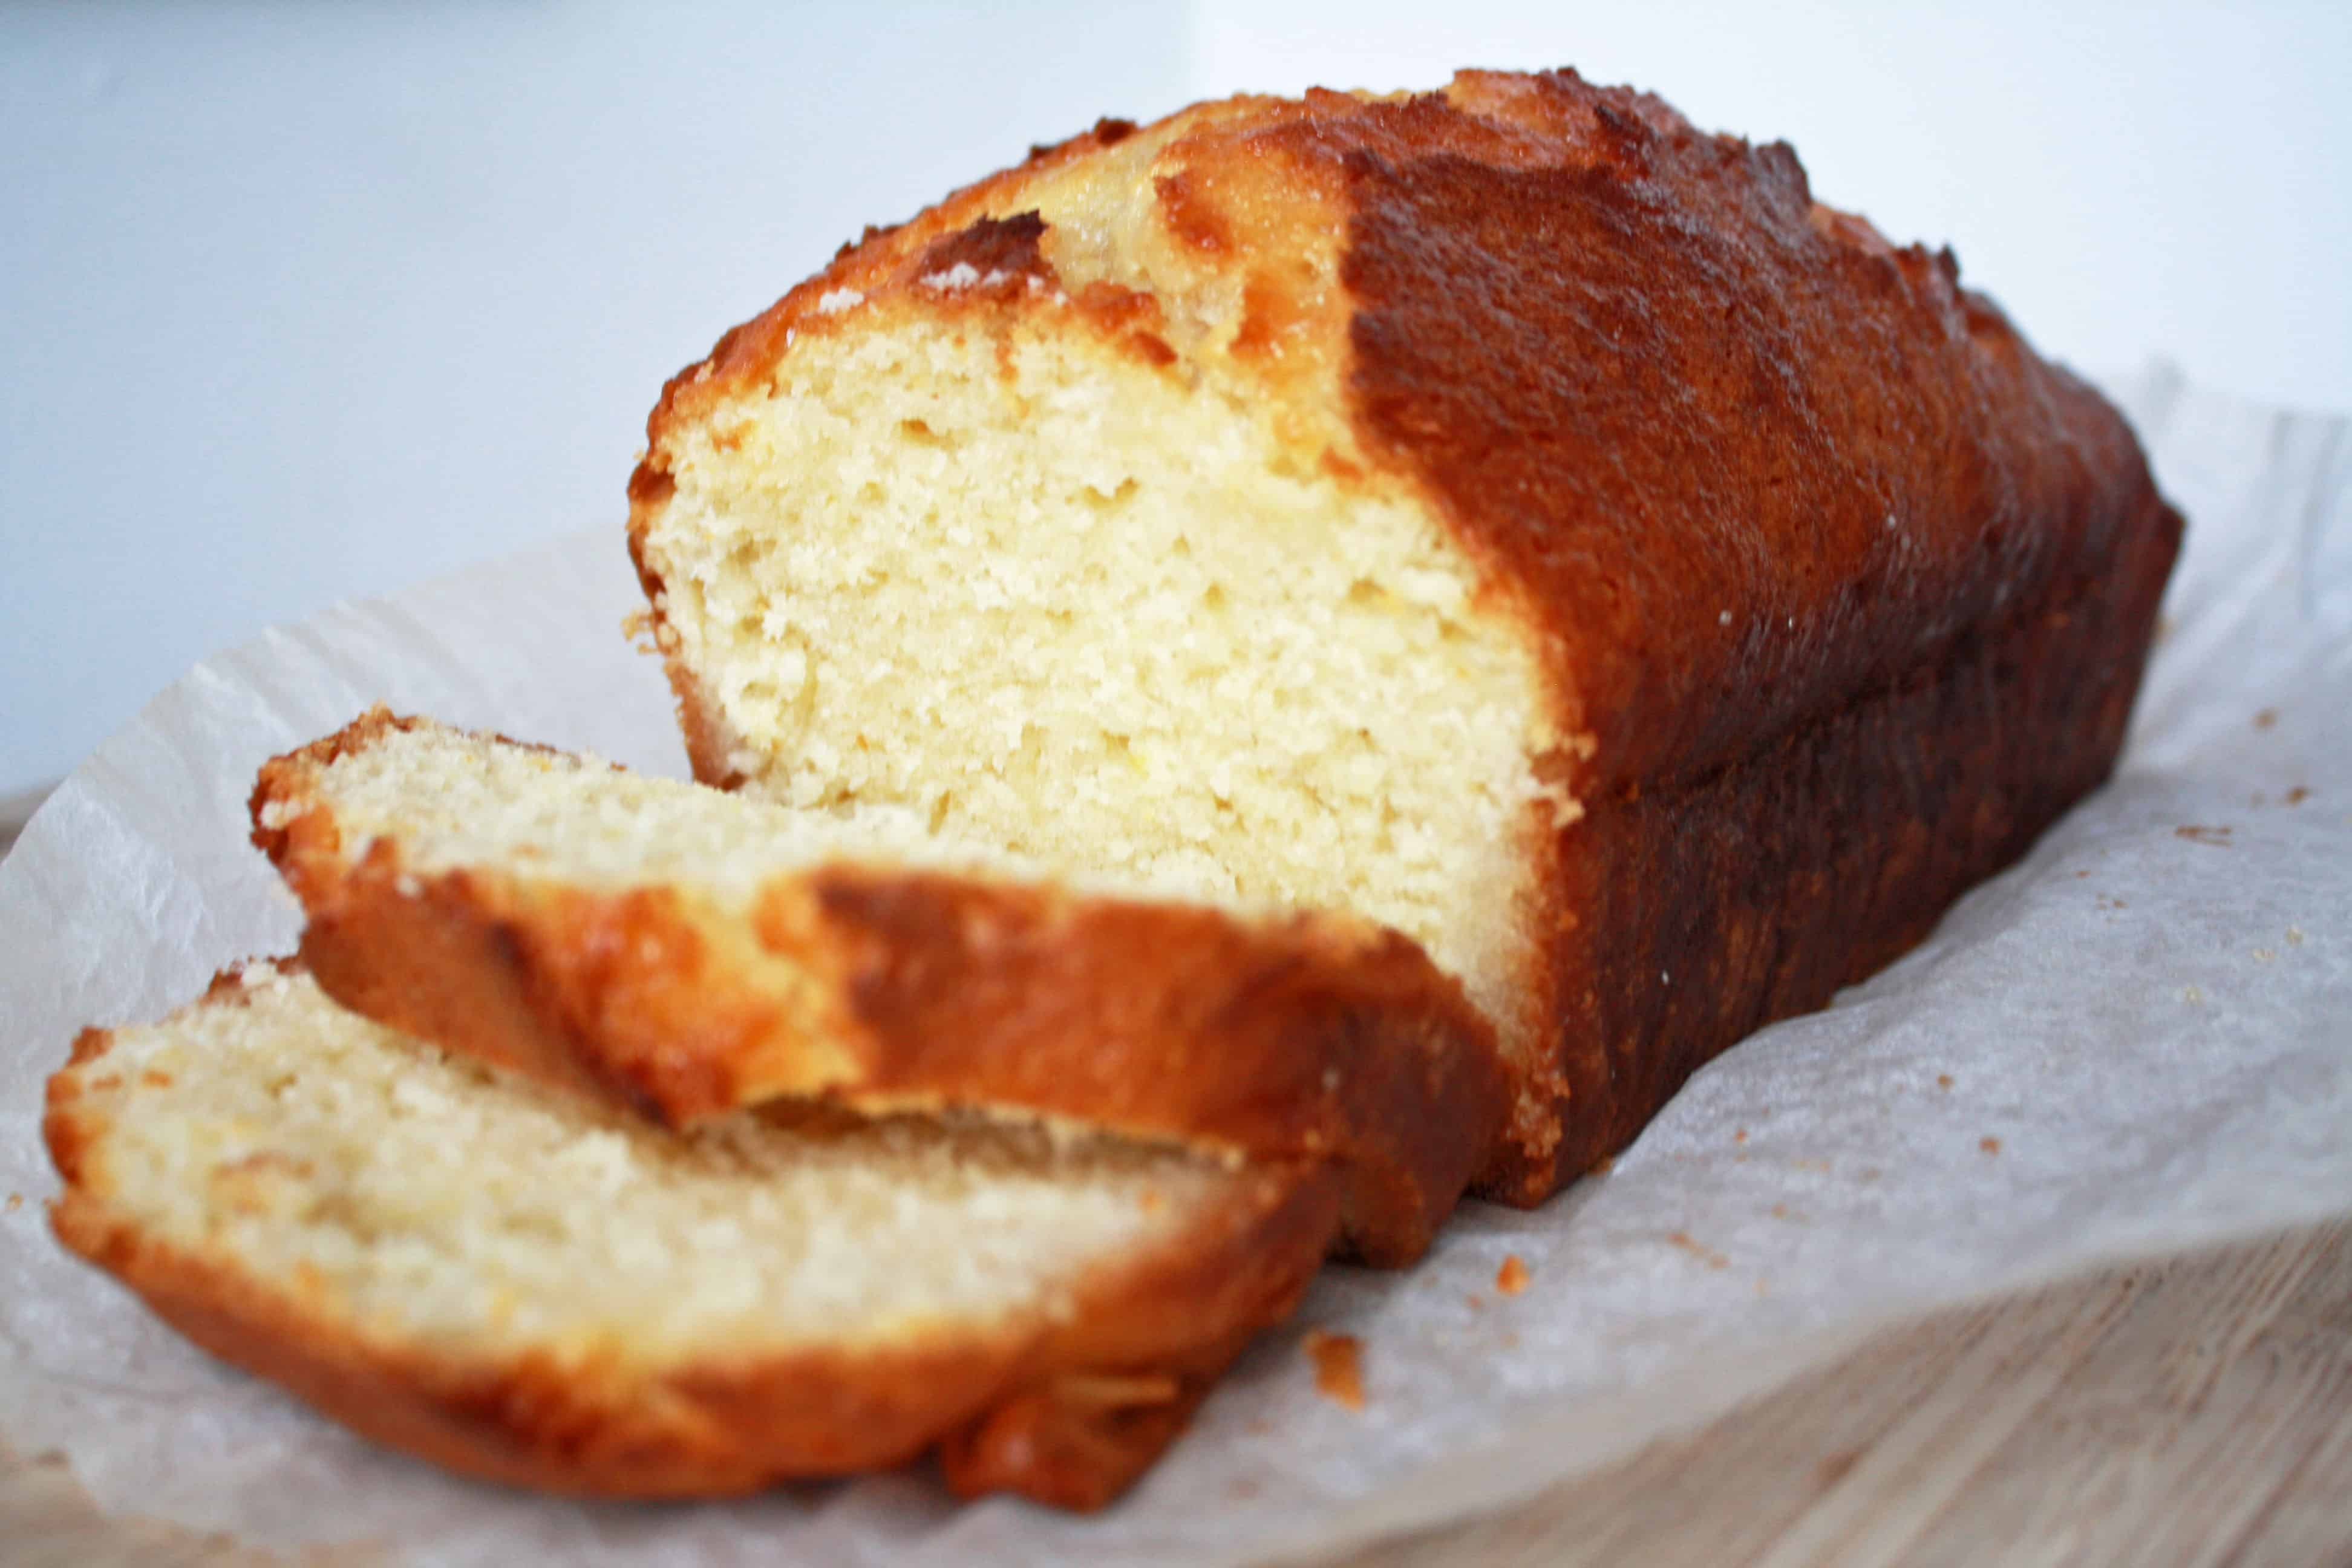 Simple lemon drizzle cake